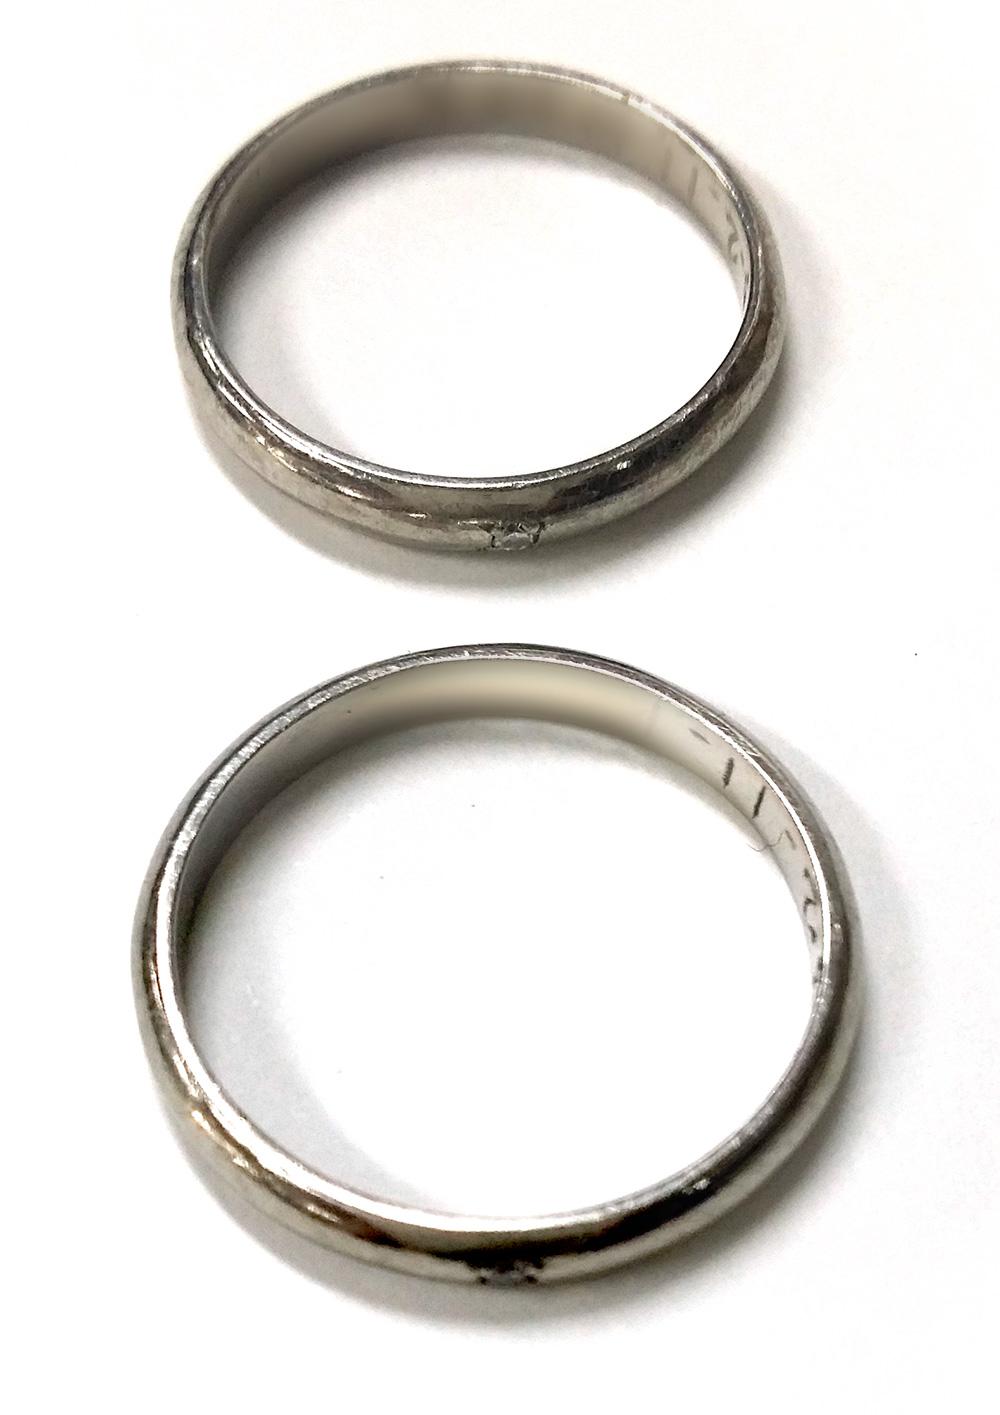 プラチナ 買取 結婚指輪 買取 ラッキーゴールド イトーヨーカドー甲府昭和店